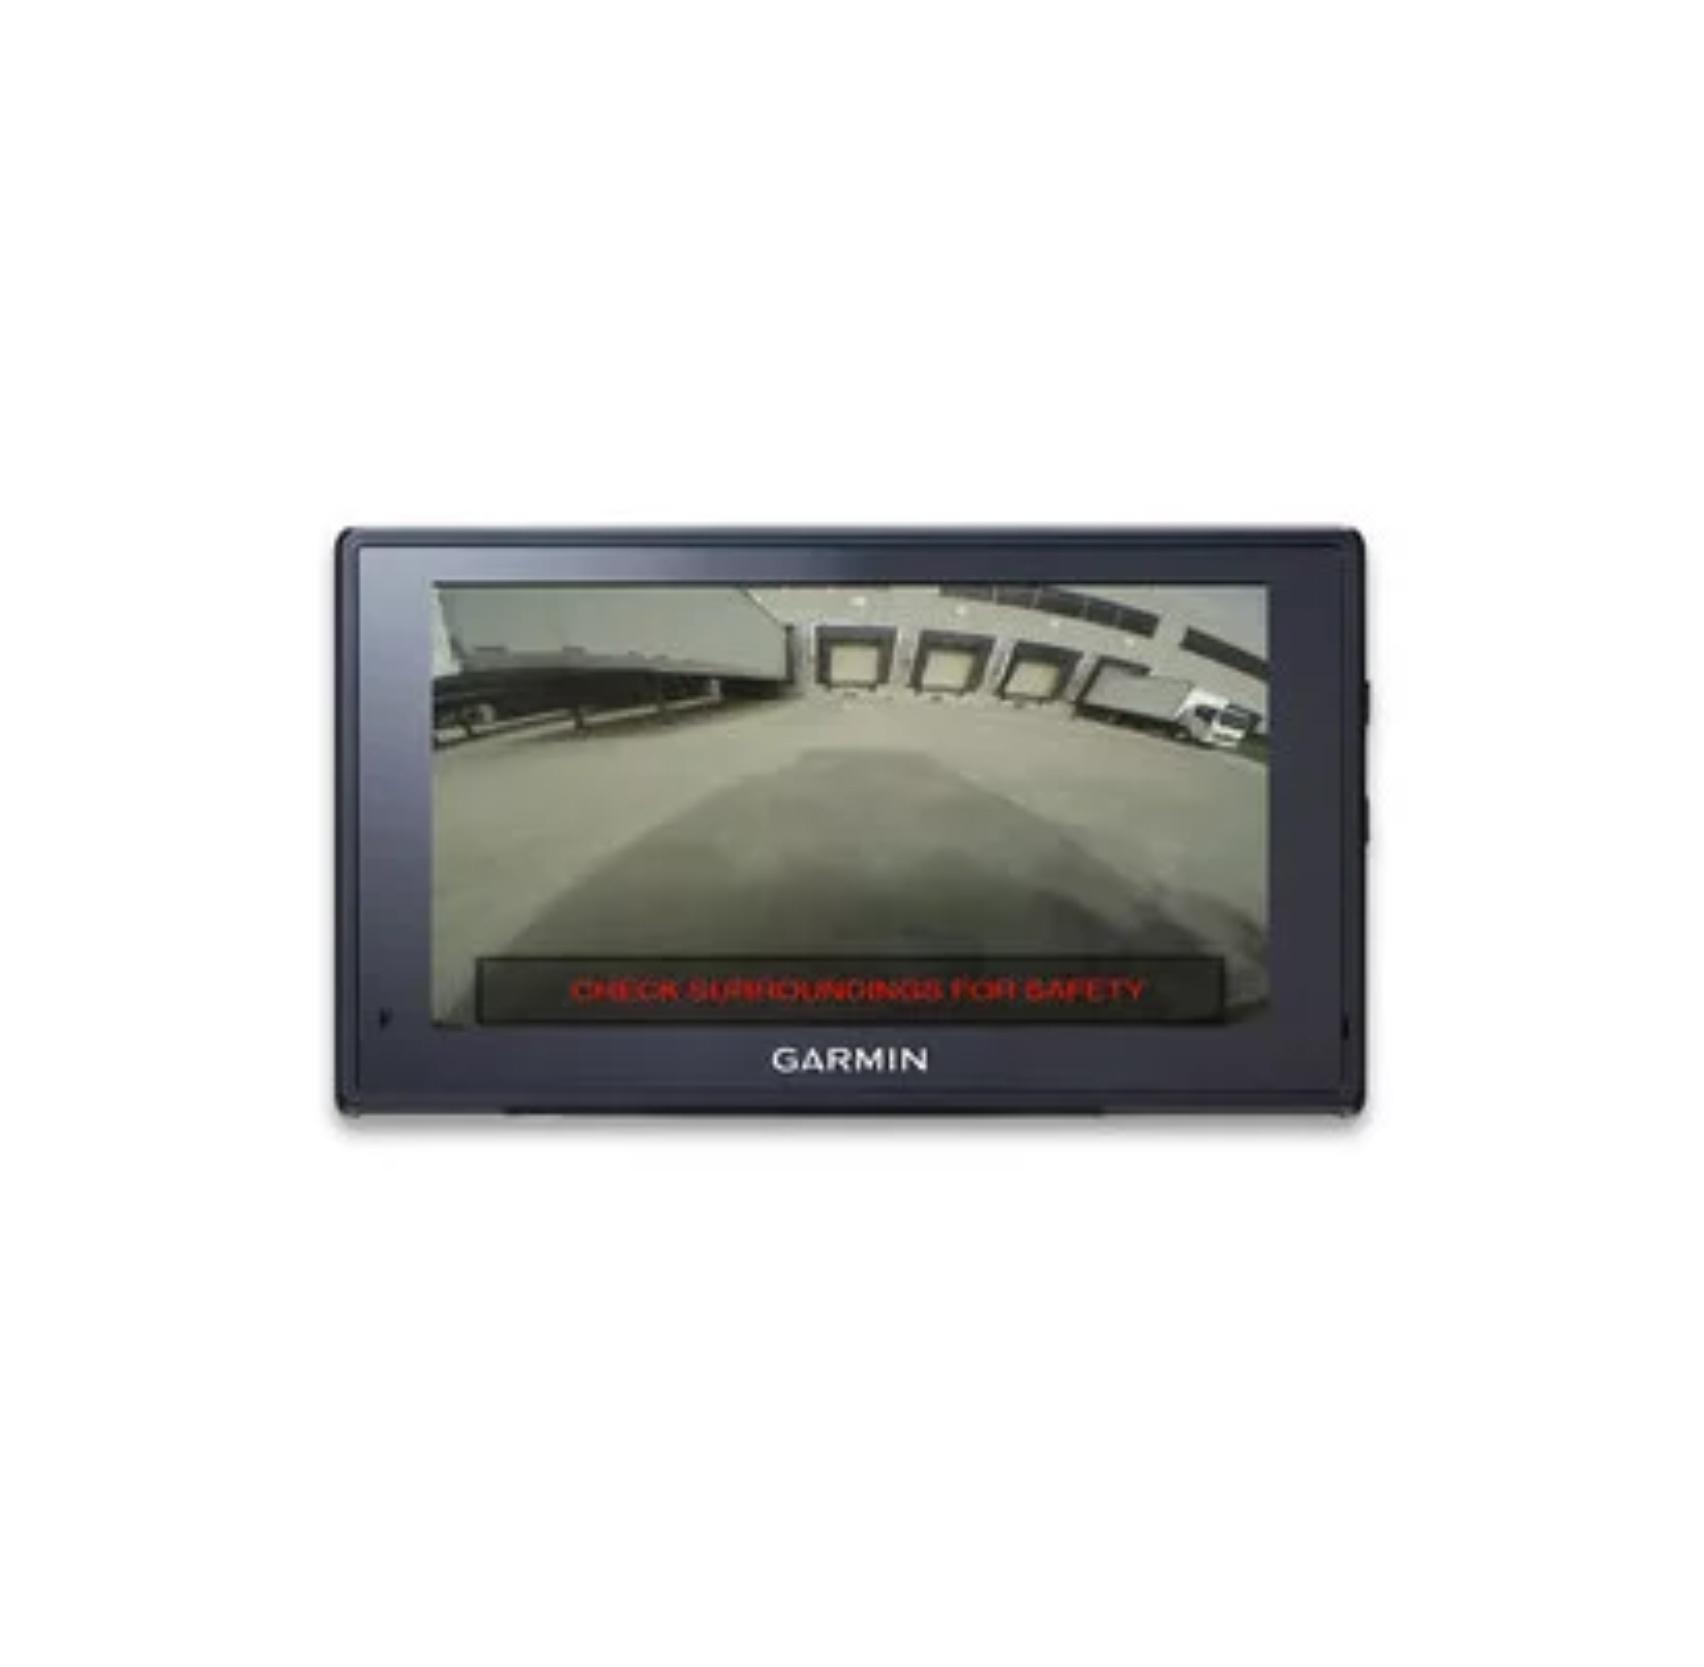 GARMIN Garmin Fleet 670V trucknavigatie